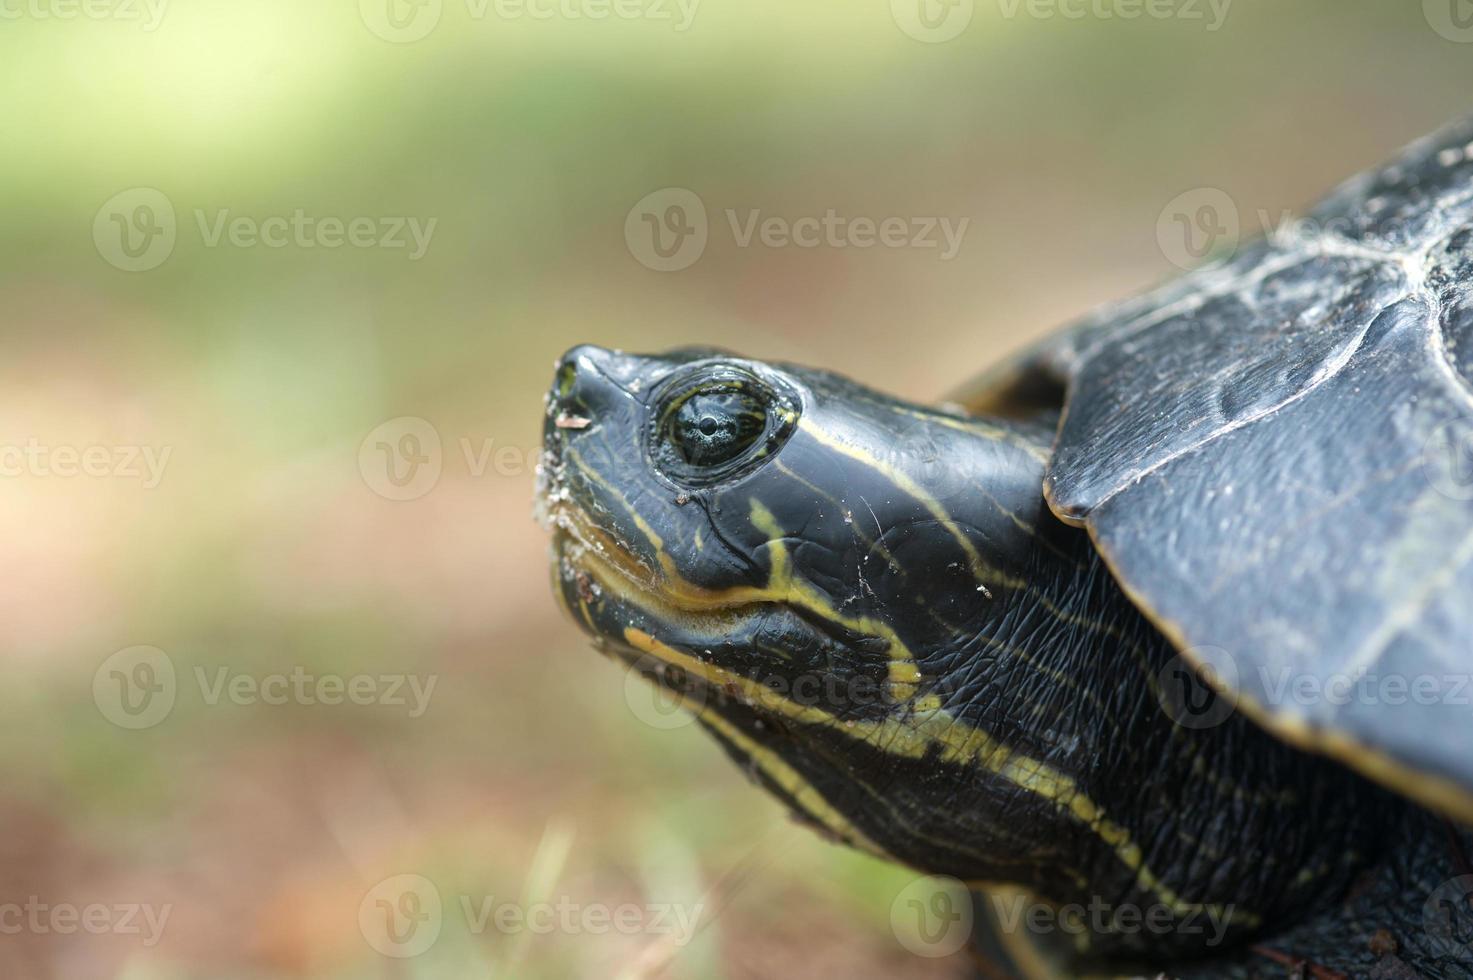 tartaruga pondo seus ovos foto